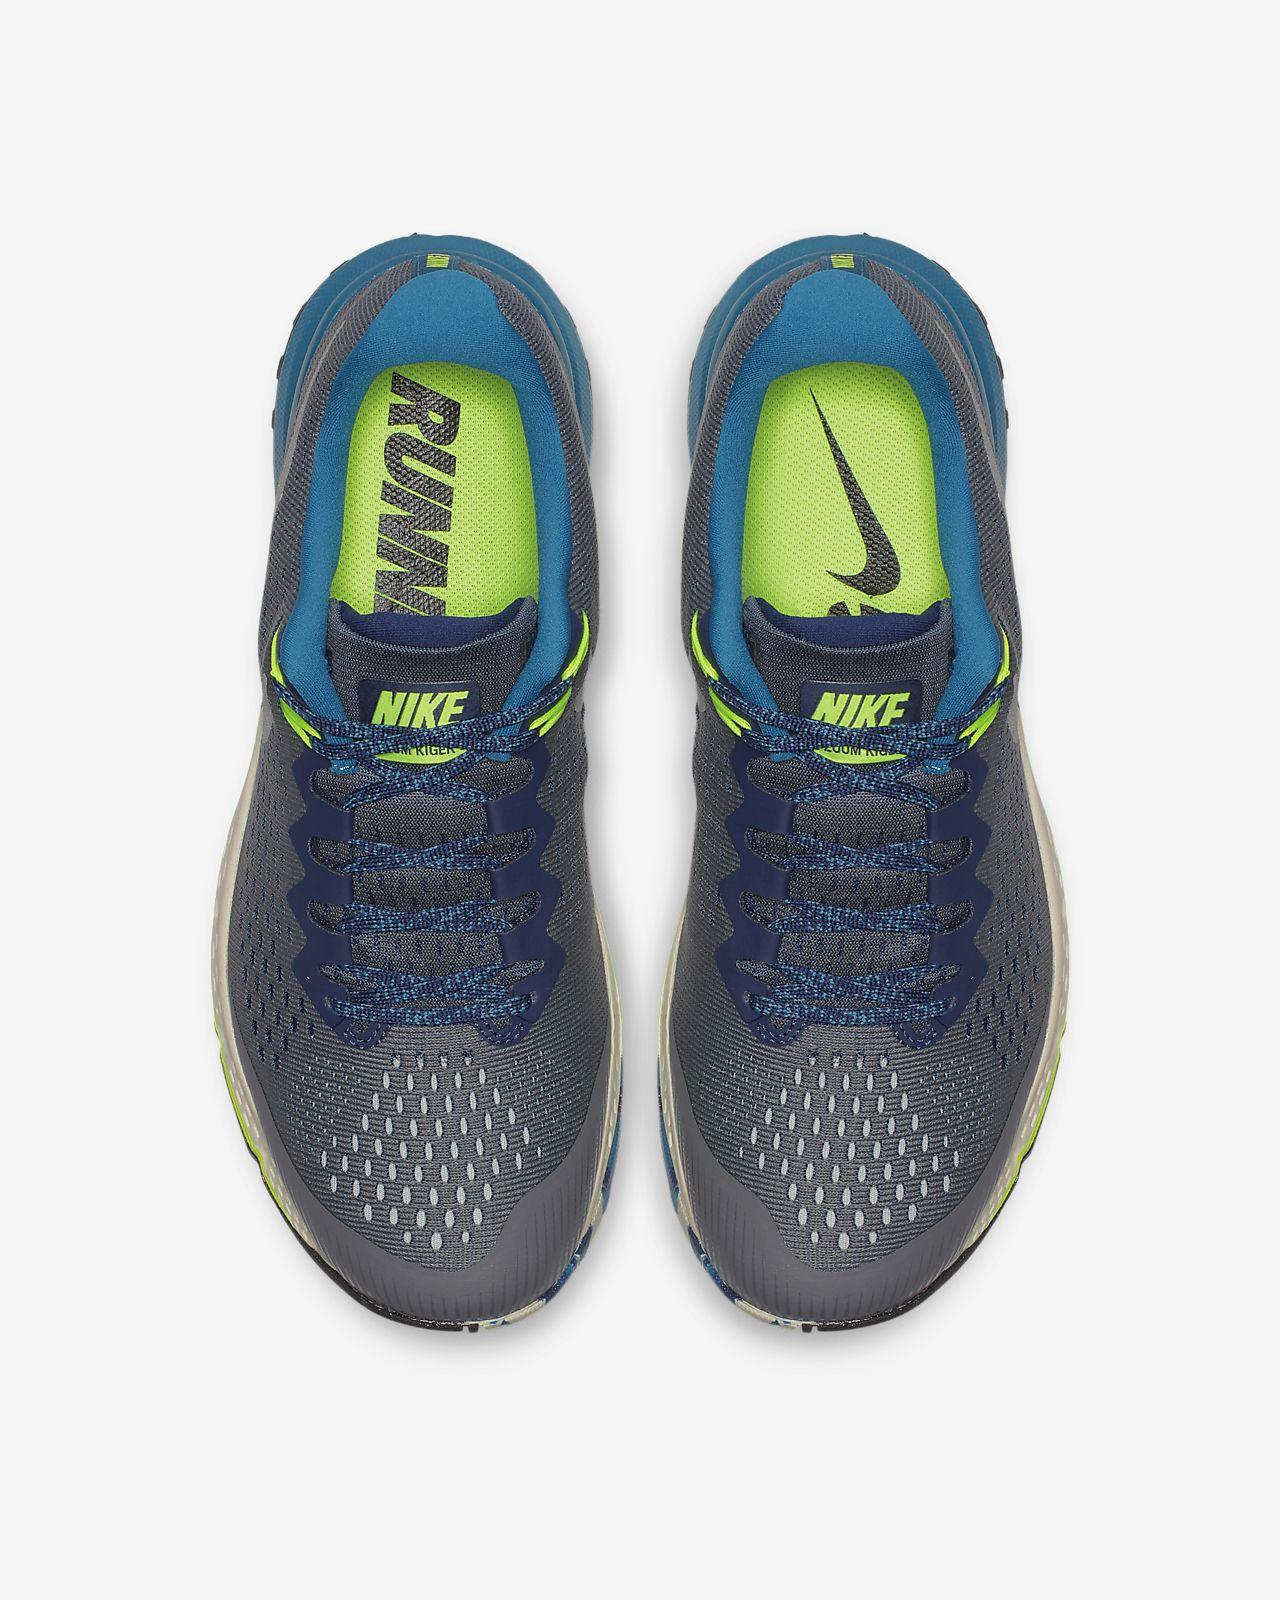 5f049e1a0 Calzado de running para hombre Nike Air Zoom Terra Kiger 4. Nike.com CL